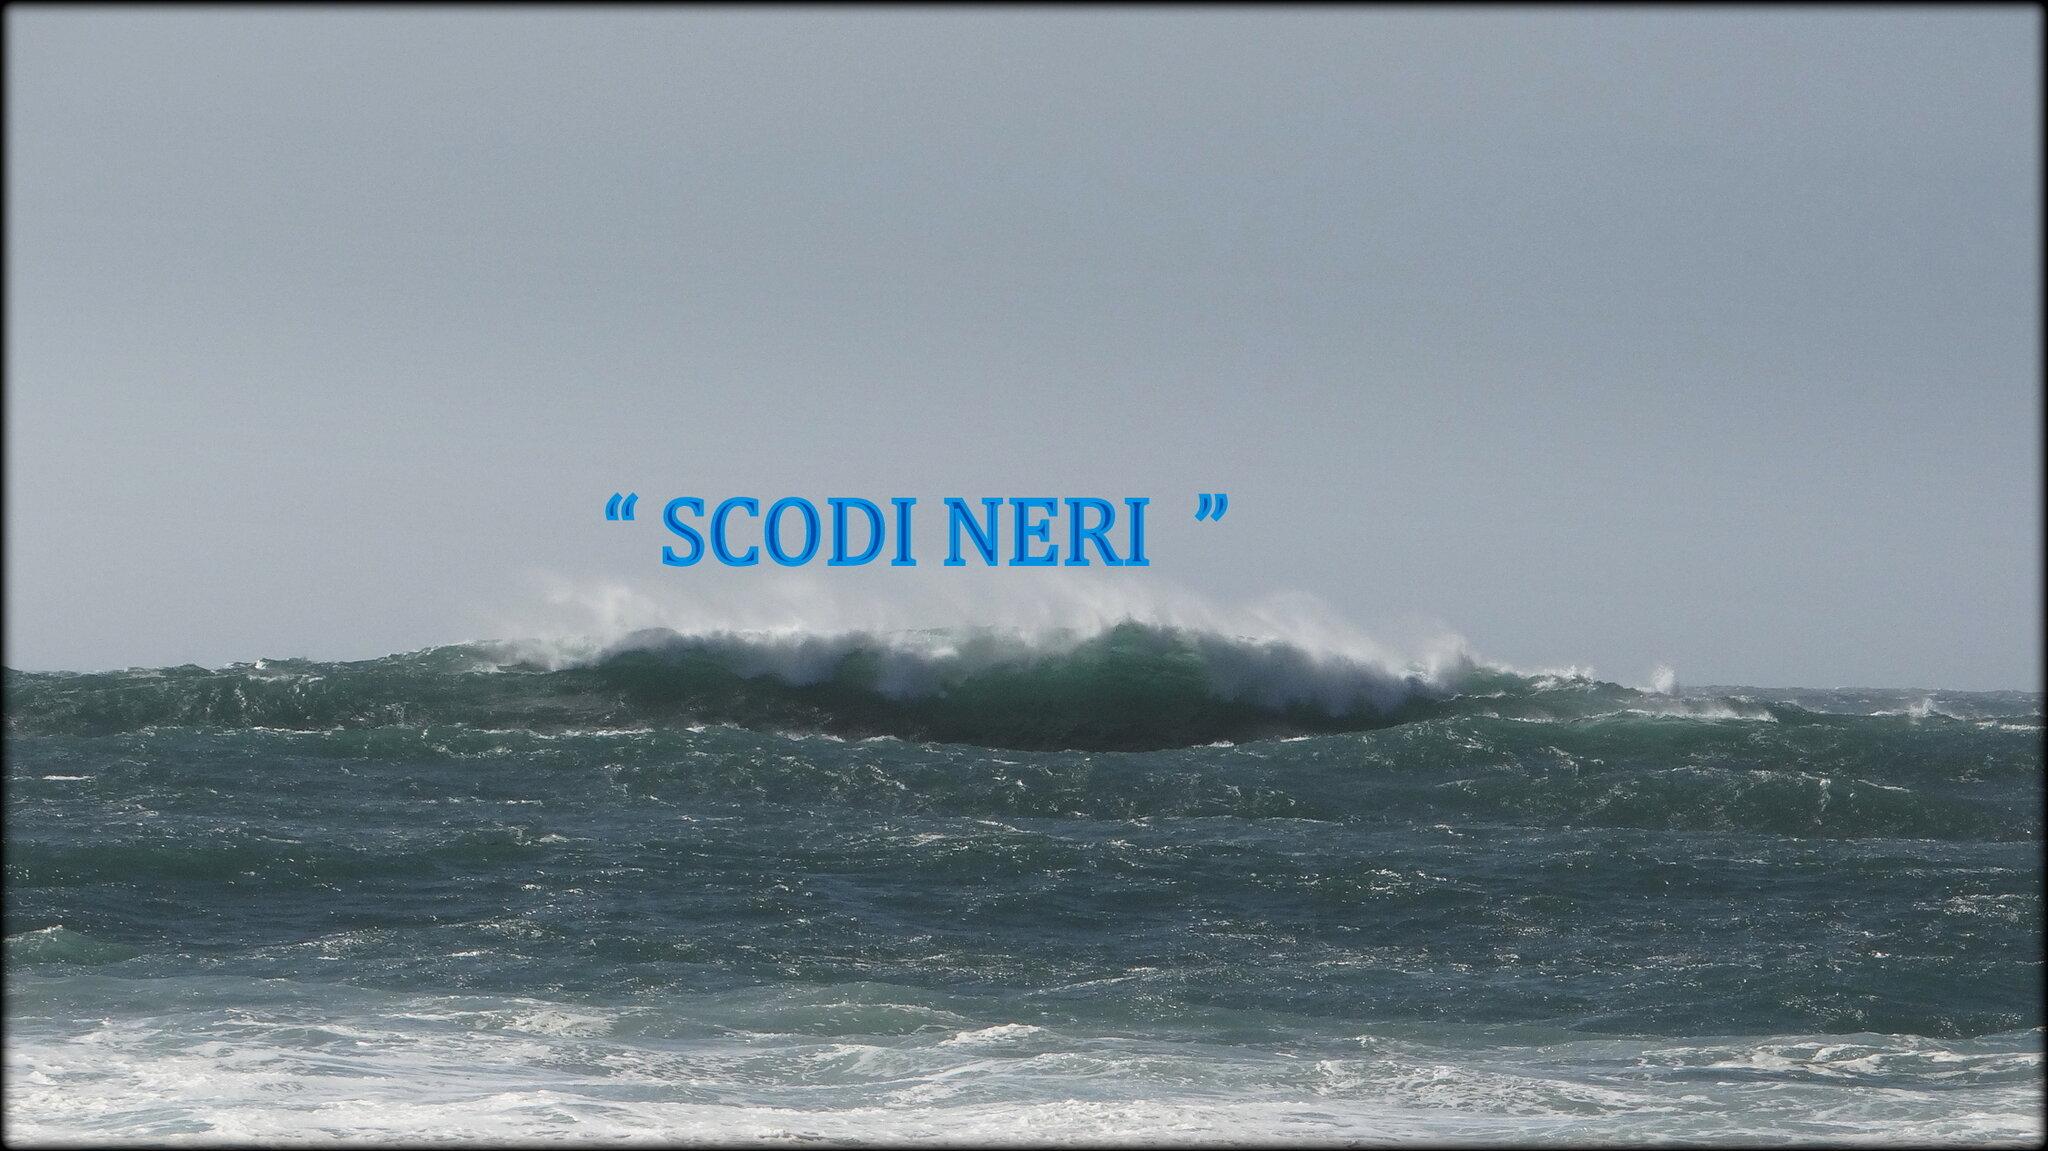 I_SCODI_NERI_ZEUS_